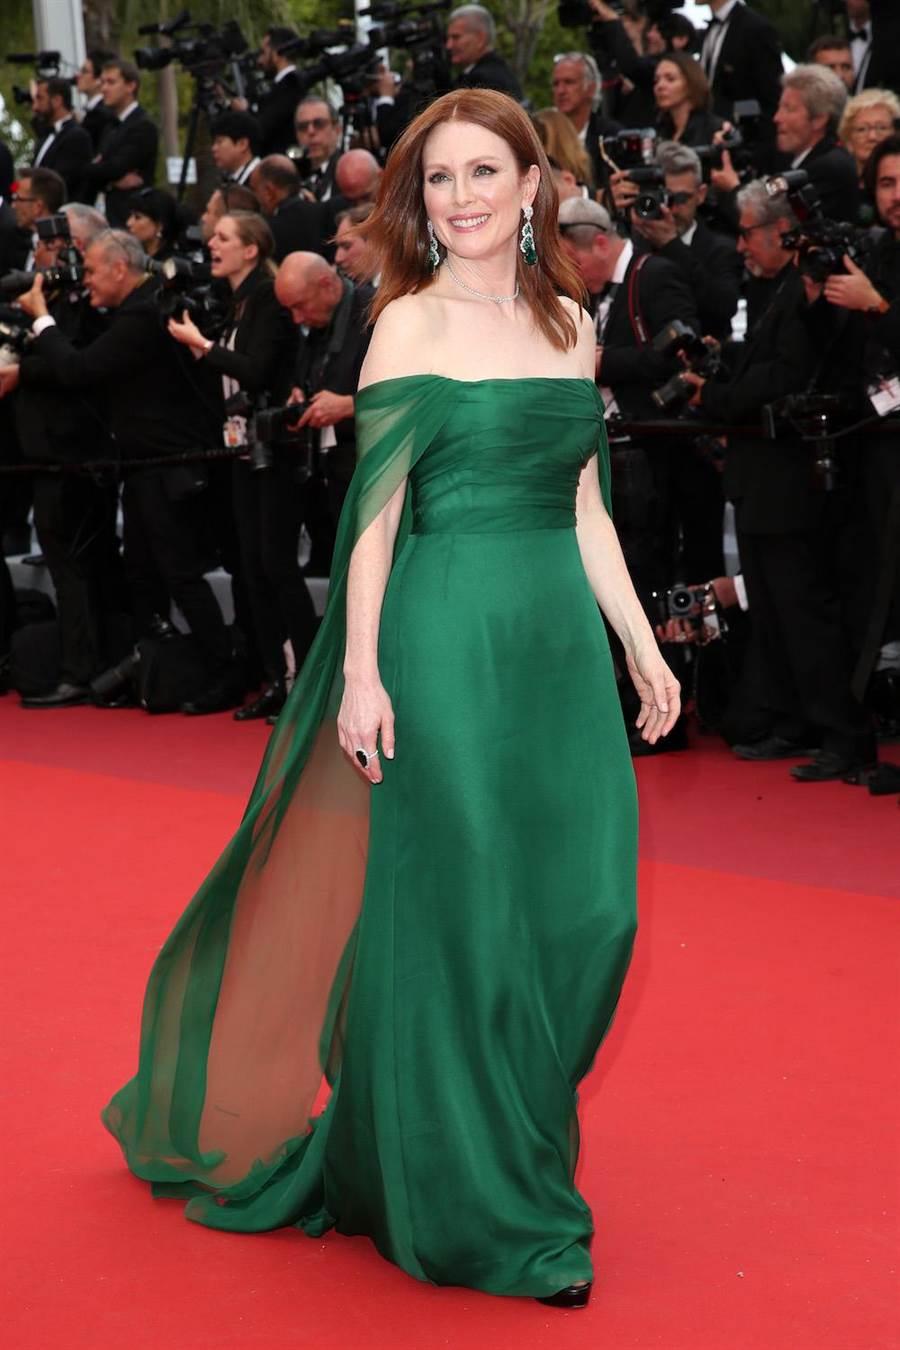 茱莉安摩尔在Dior森林绿丝质雪纺洋装高级订制服衬托下相当贵气。